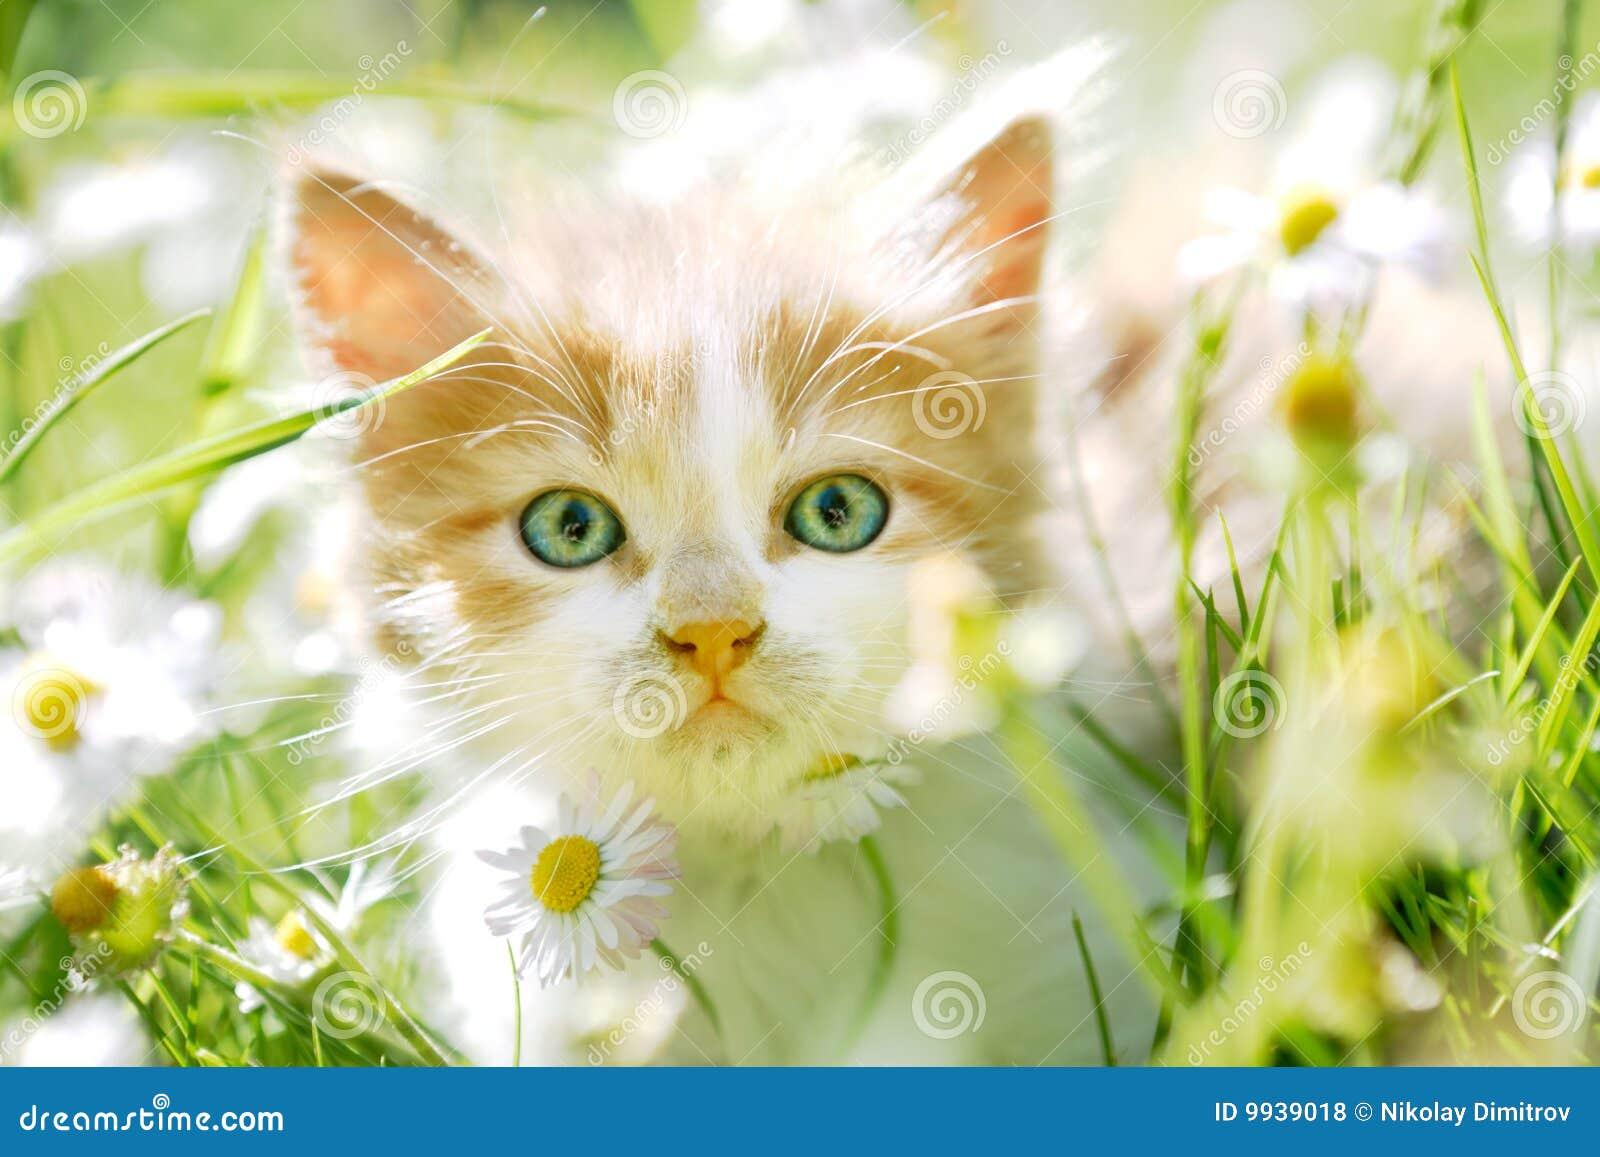 petit chat mignon avec les yeux verts dans l 39 herbe verte photo stock image du mammif re ch ri. Black Bedroom Furniture Sets. Home Design Ideas